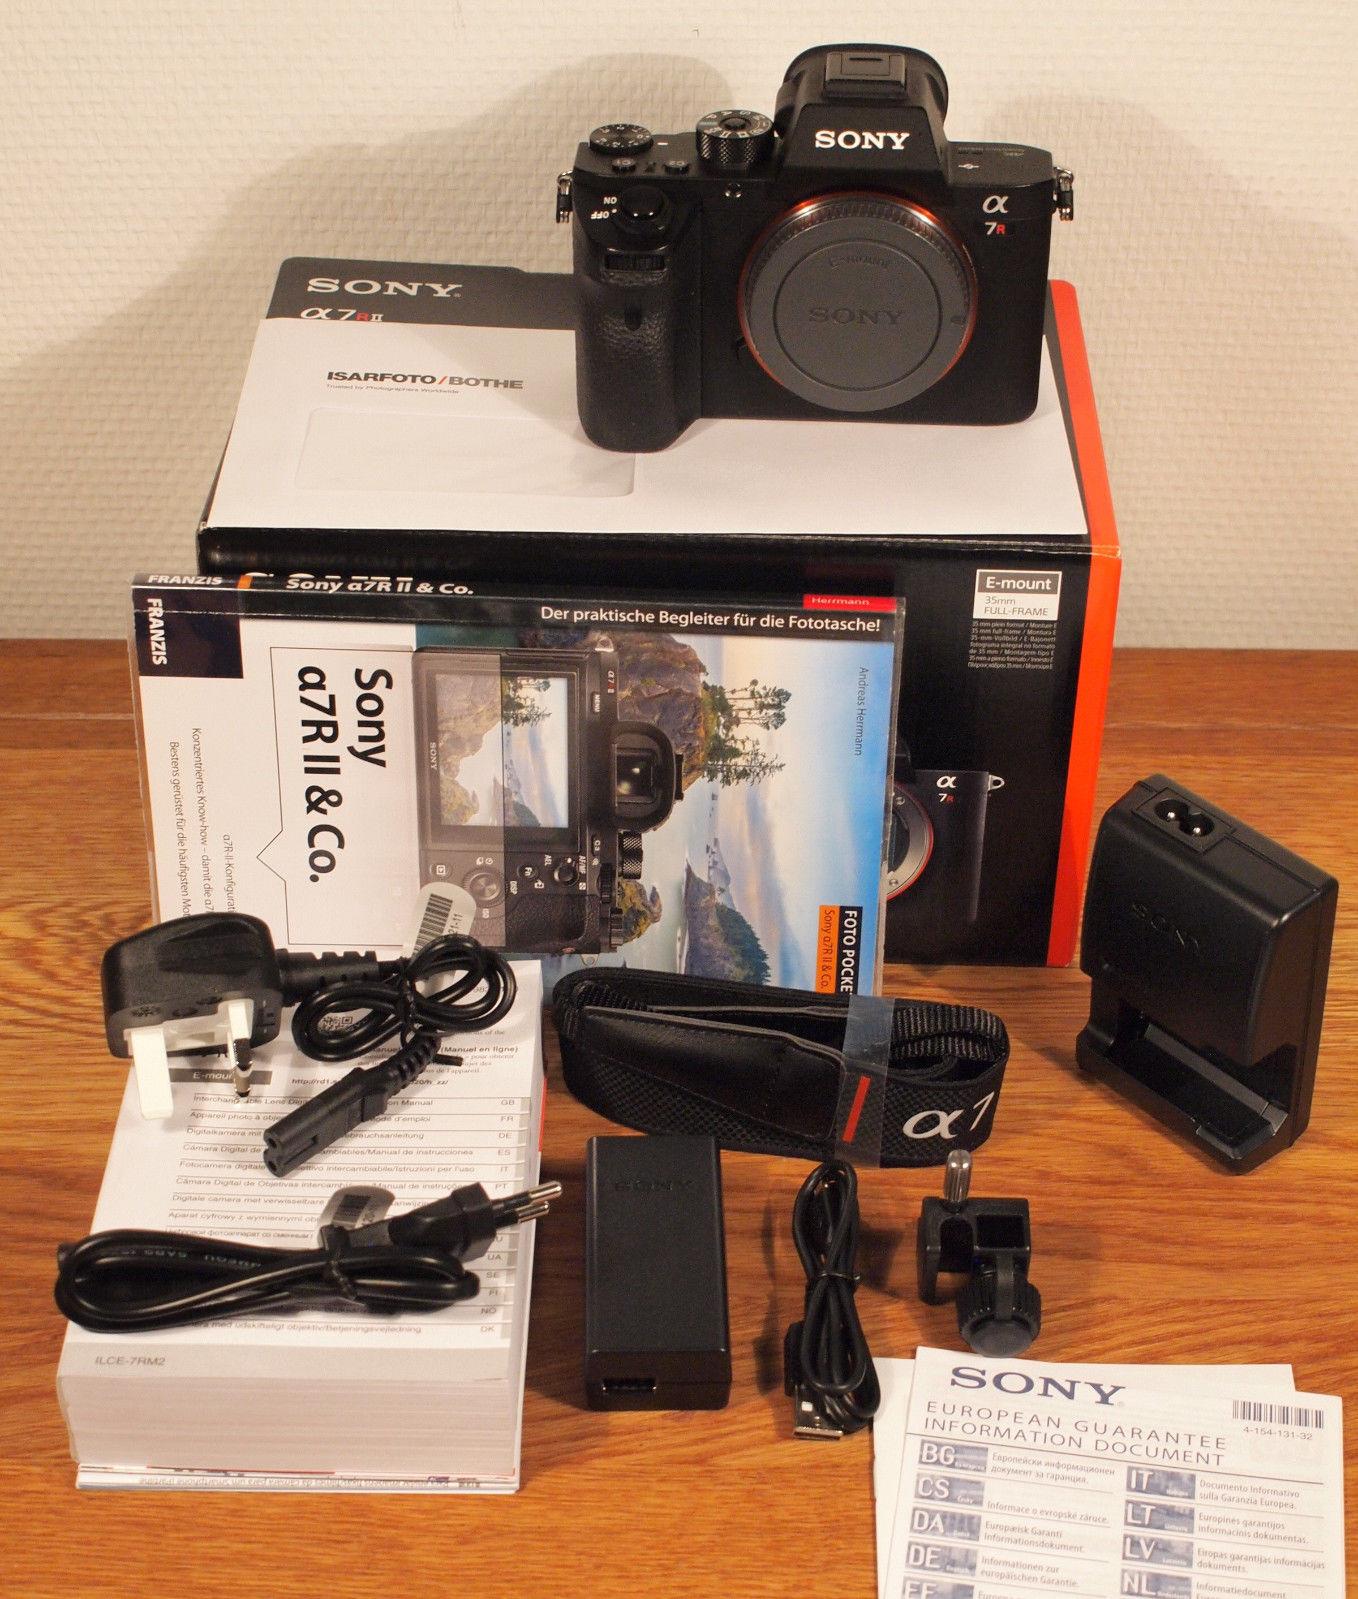 Sony Alpha A 7R II neuwert. ca. 3200 Bilder, deutsch./europ. Modell mit dt. Menu